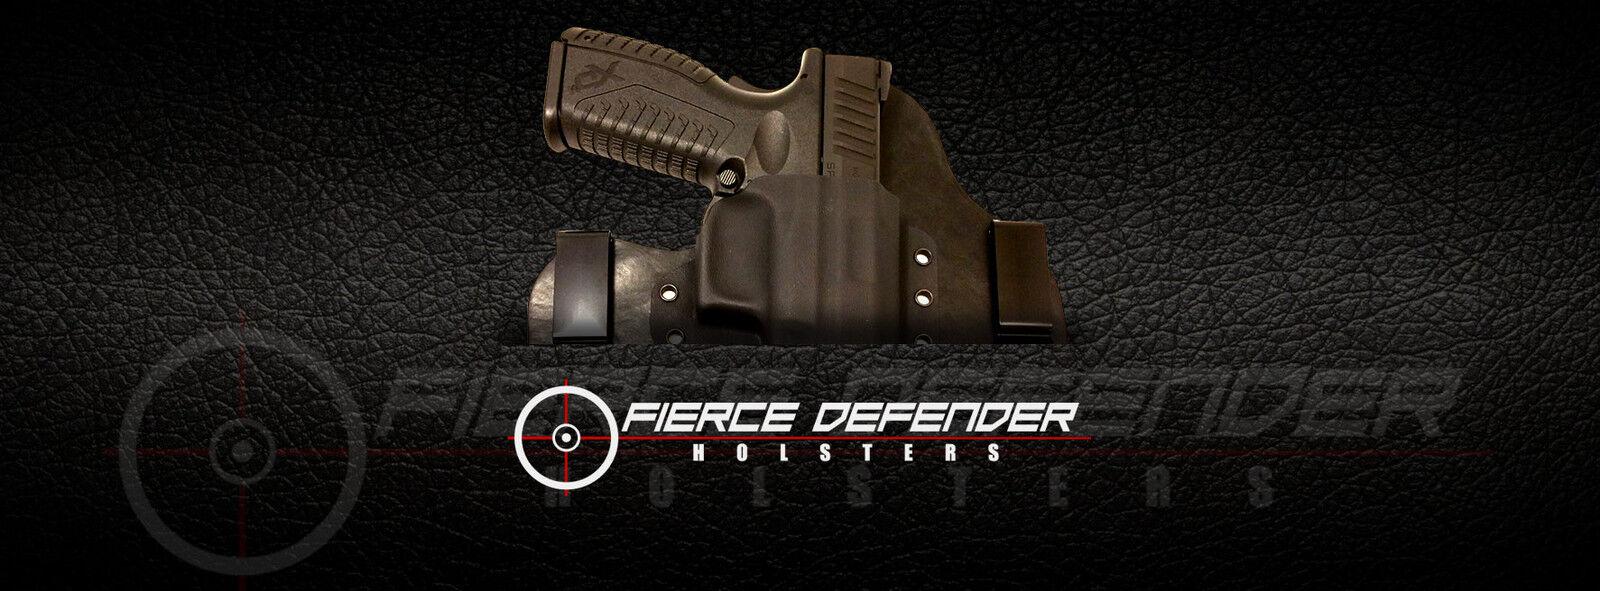 fierce_defender_holsters